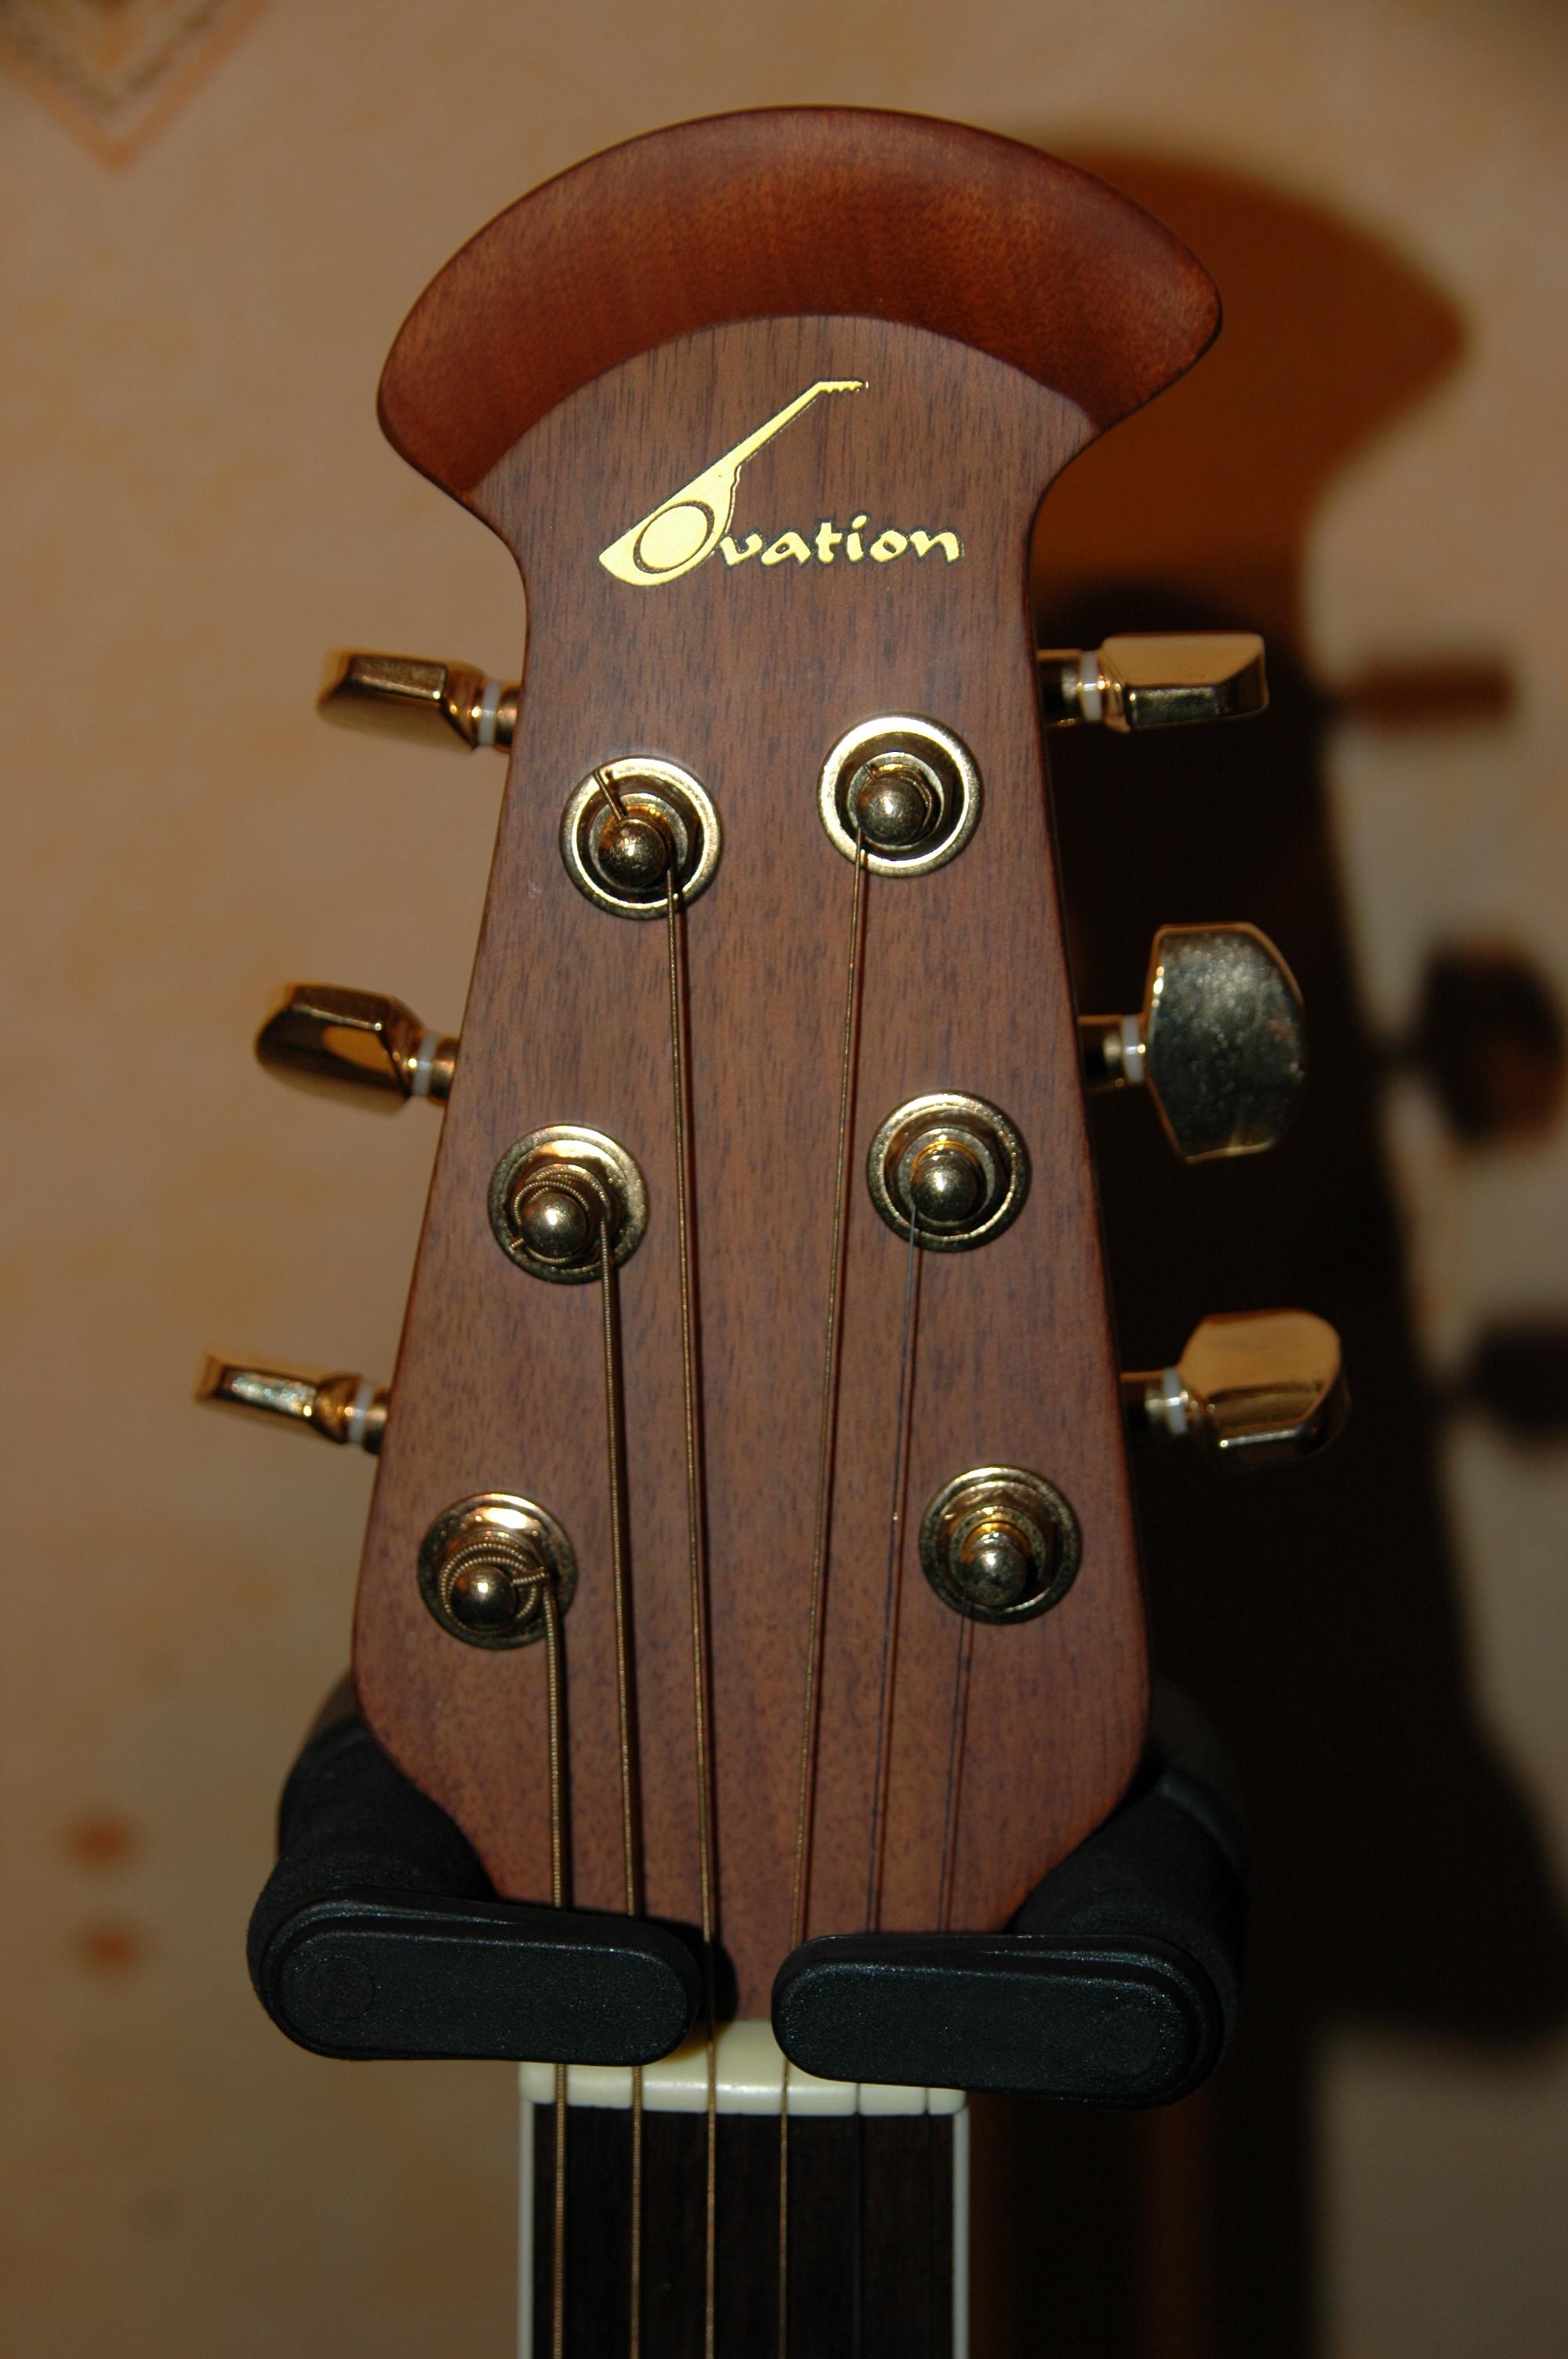 ovation guitars cs 247 - Guitar China